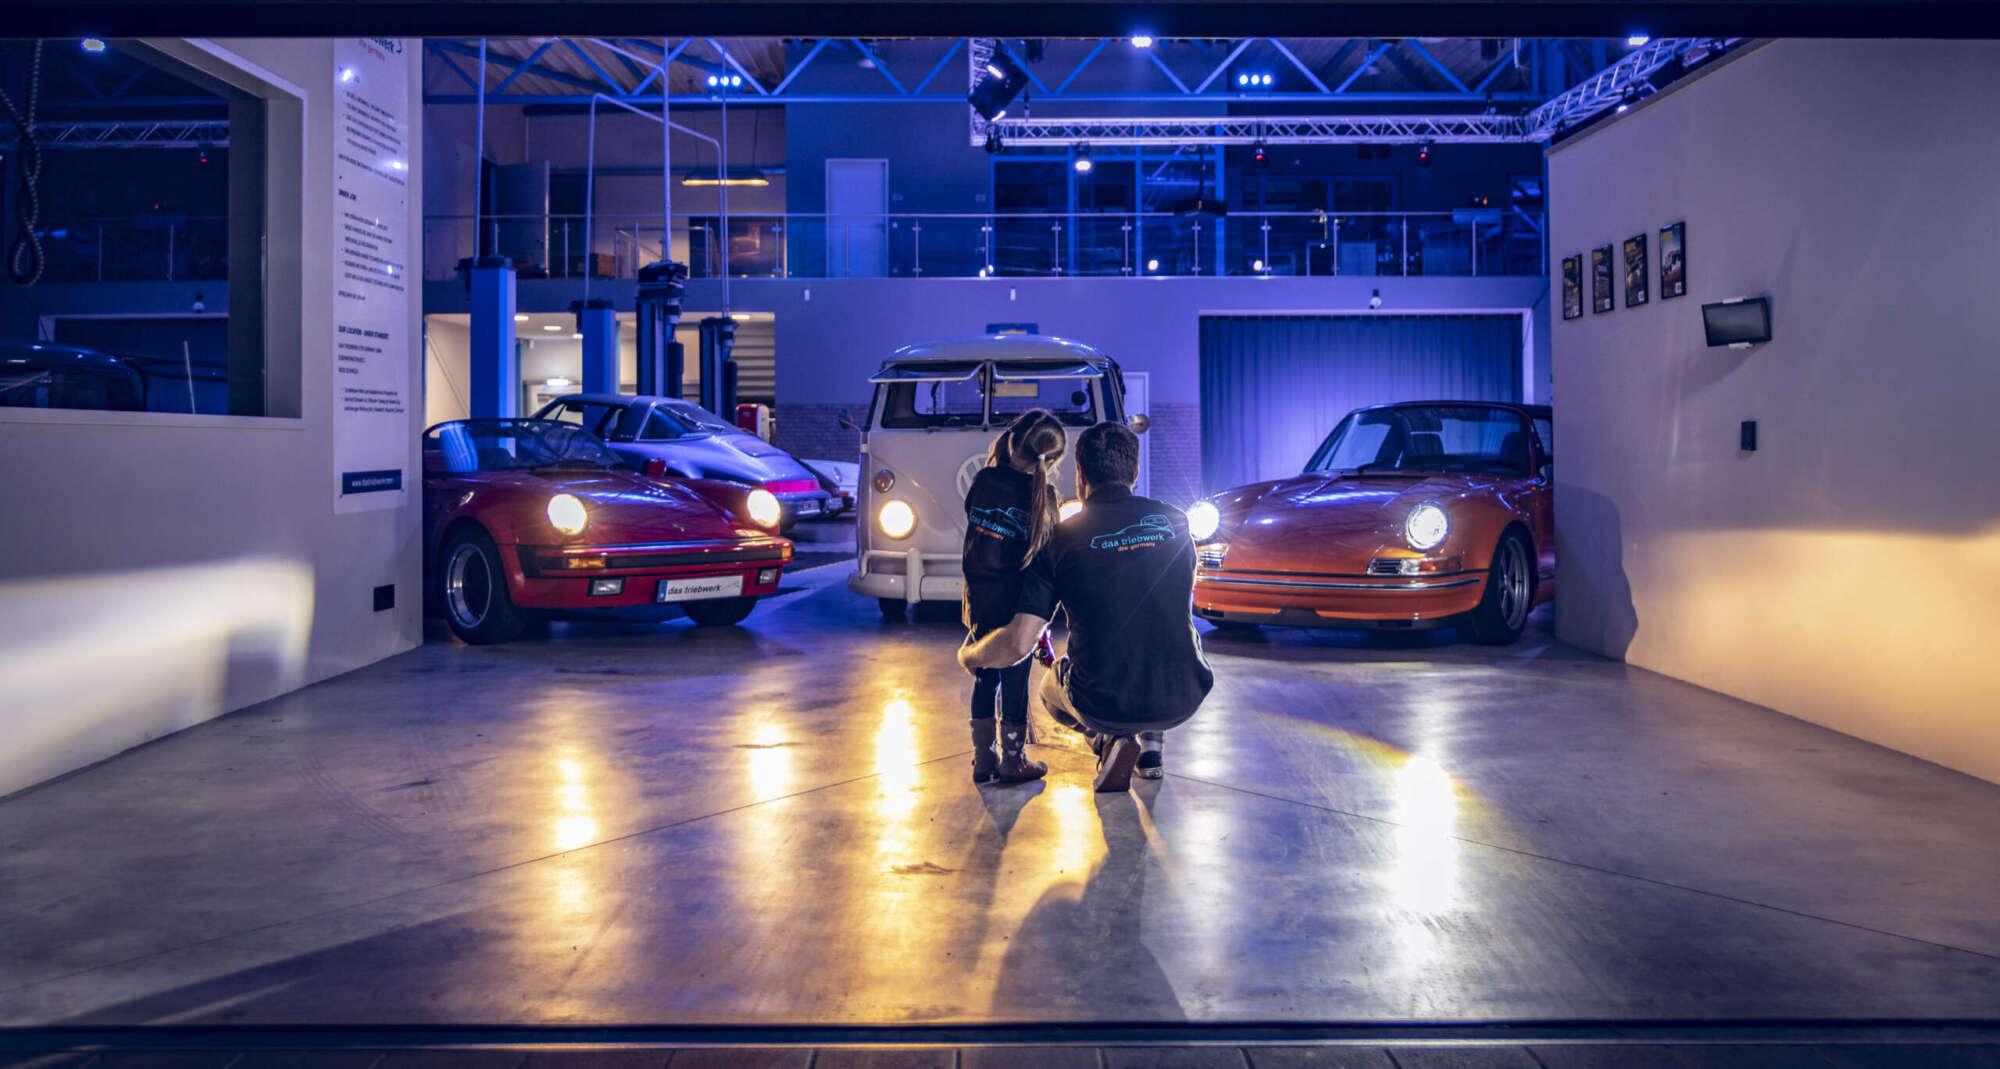 Restomod parts for your regular Porsche 911 – Das Triebwerk